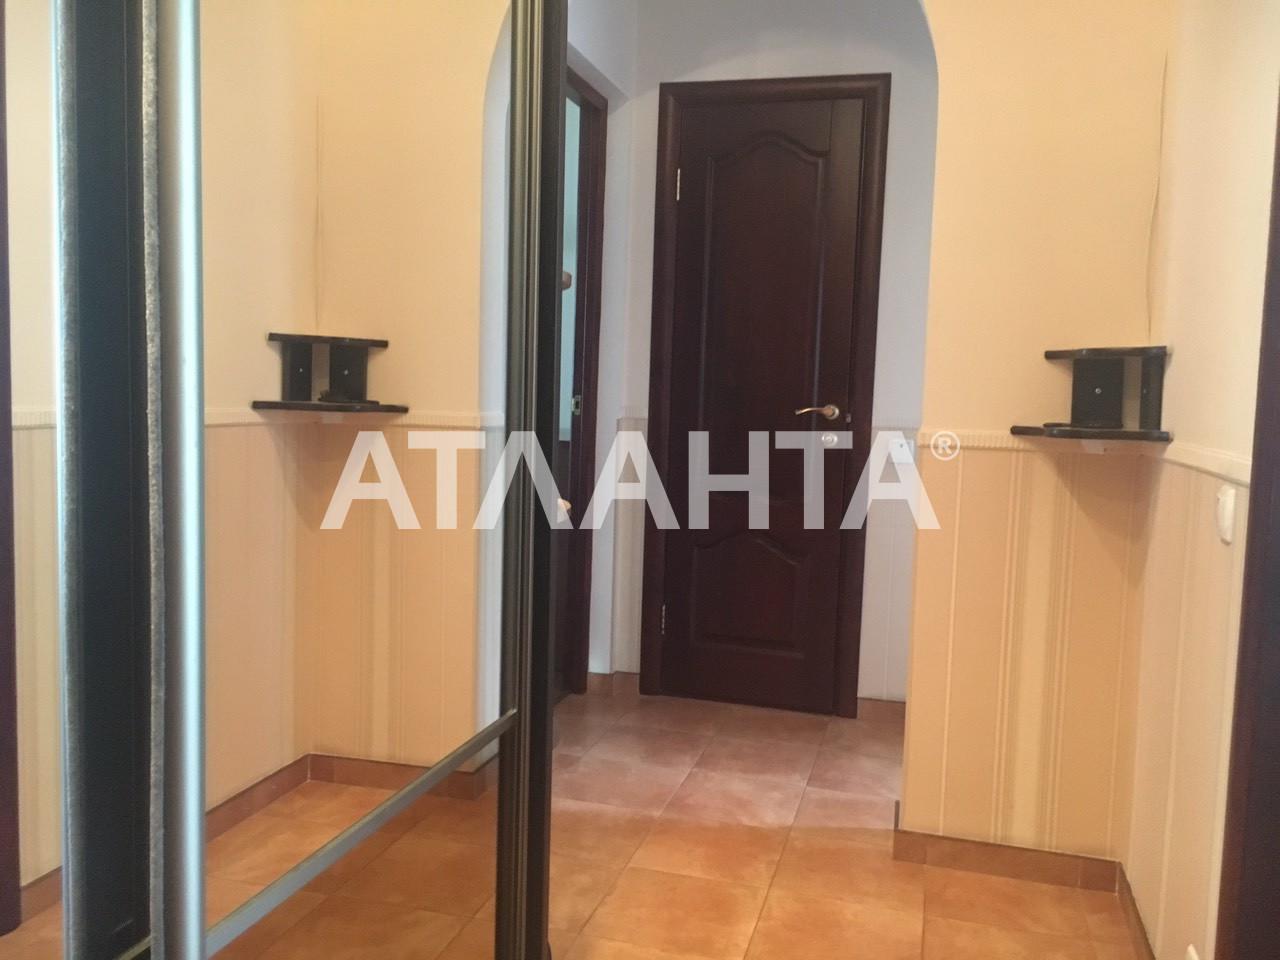 Продается 3-комнатная Квартира на ул. Высоцкого — 50 000 у.е. (фото №13)